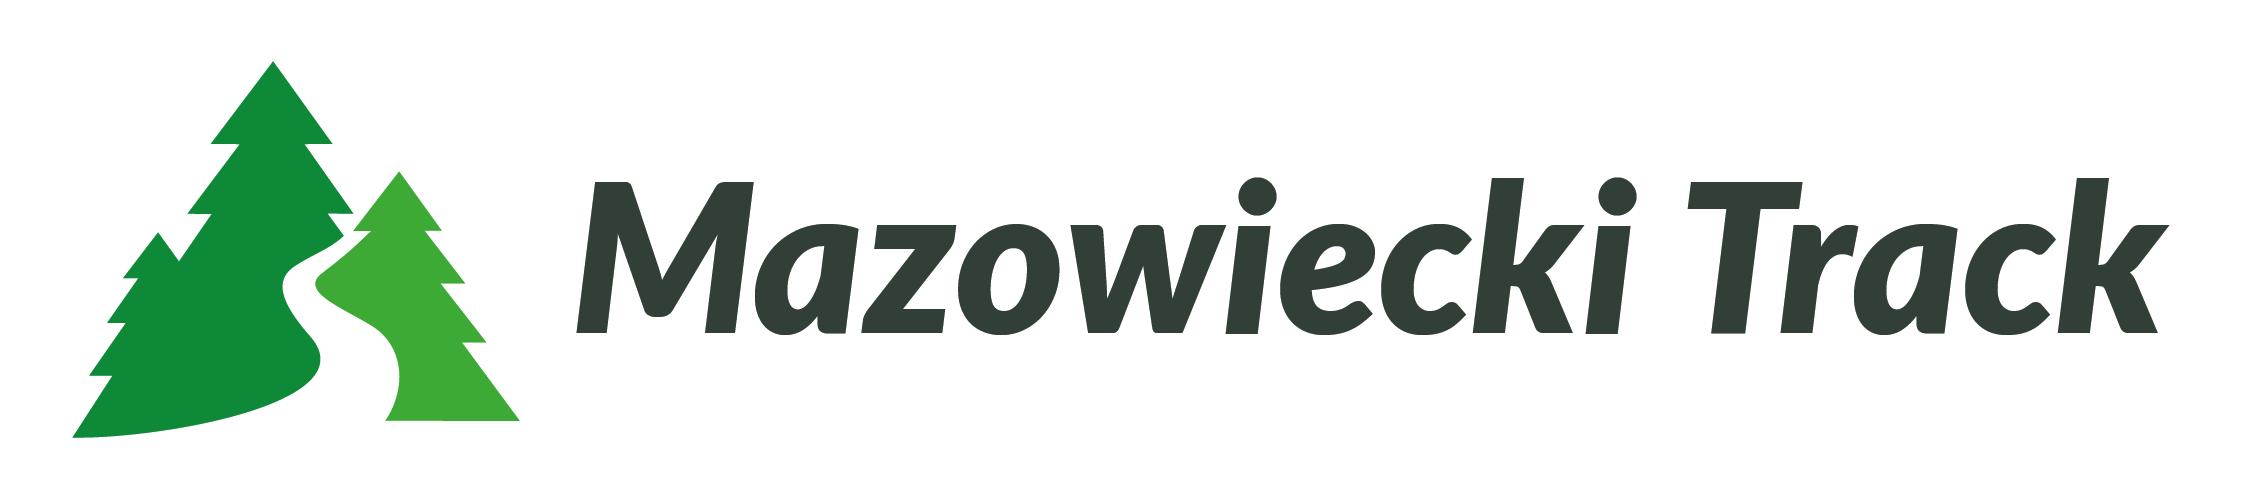 Mazowiecki Track